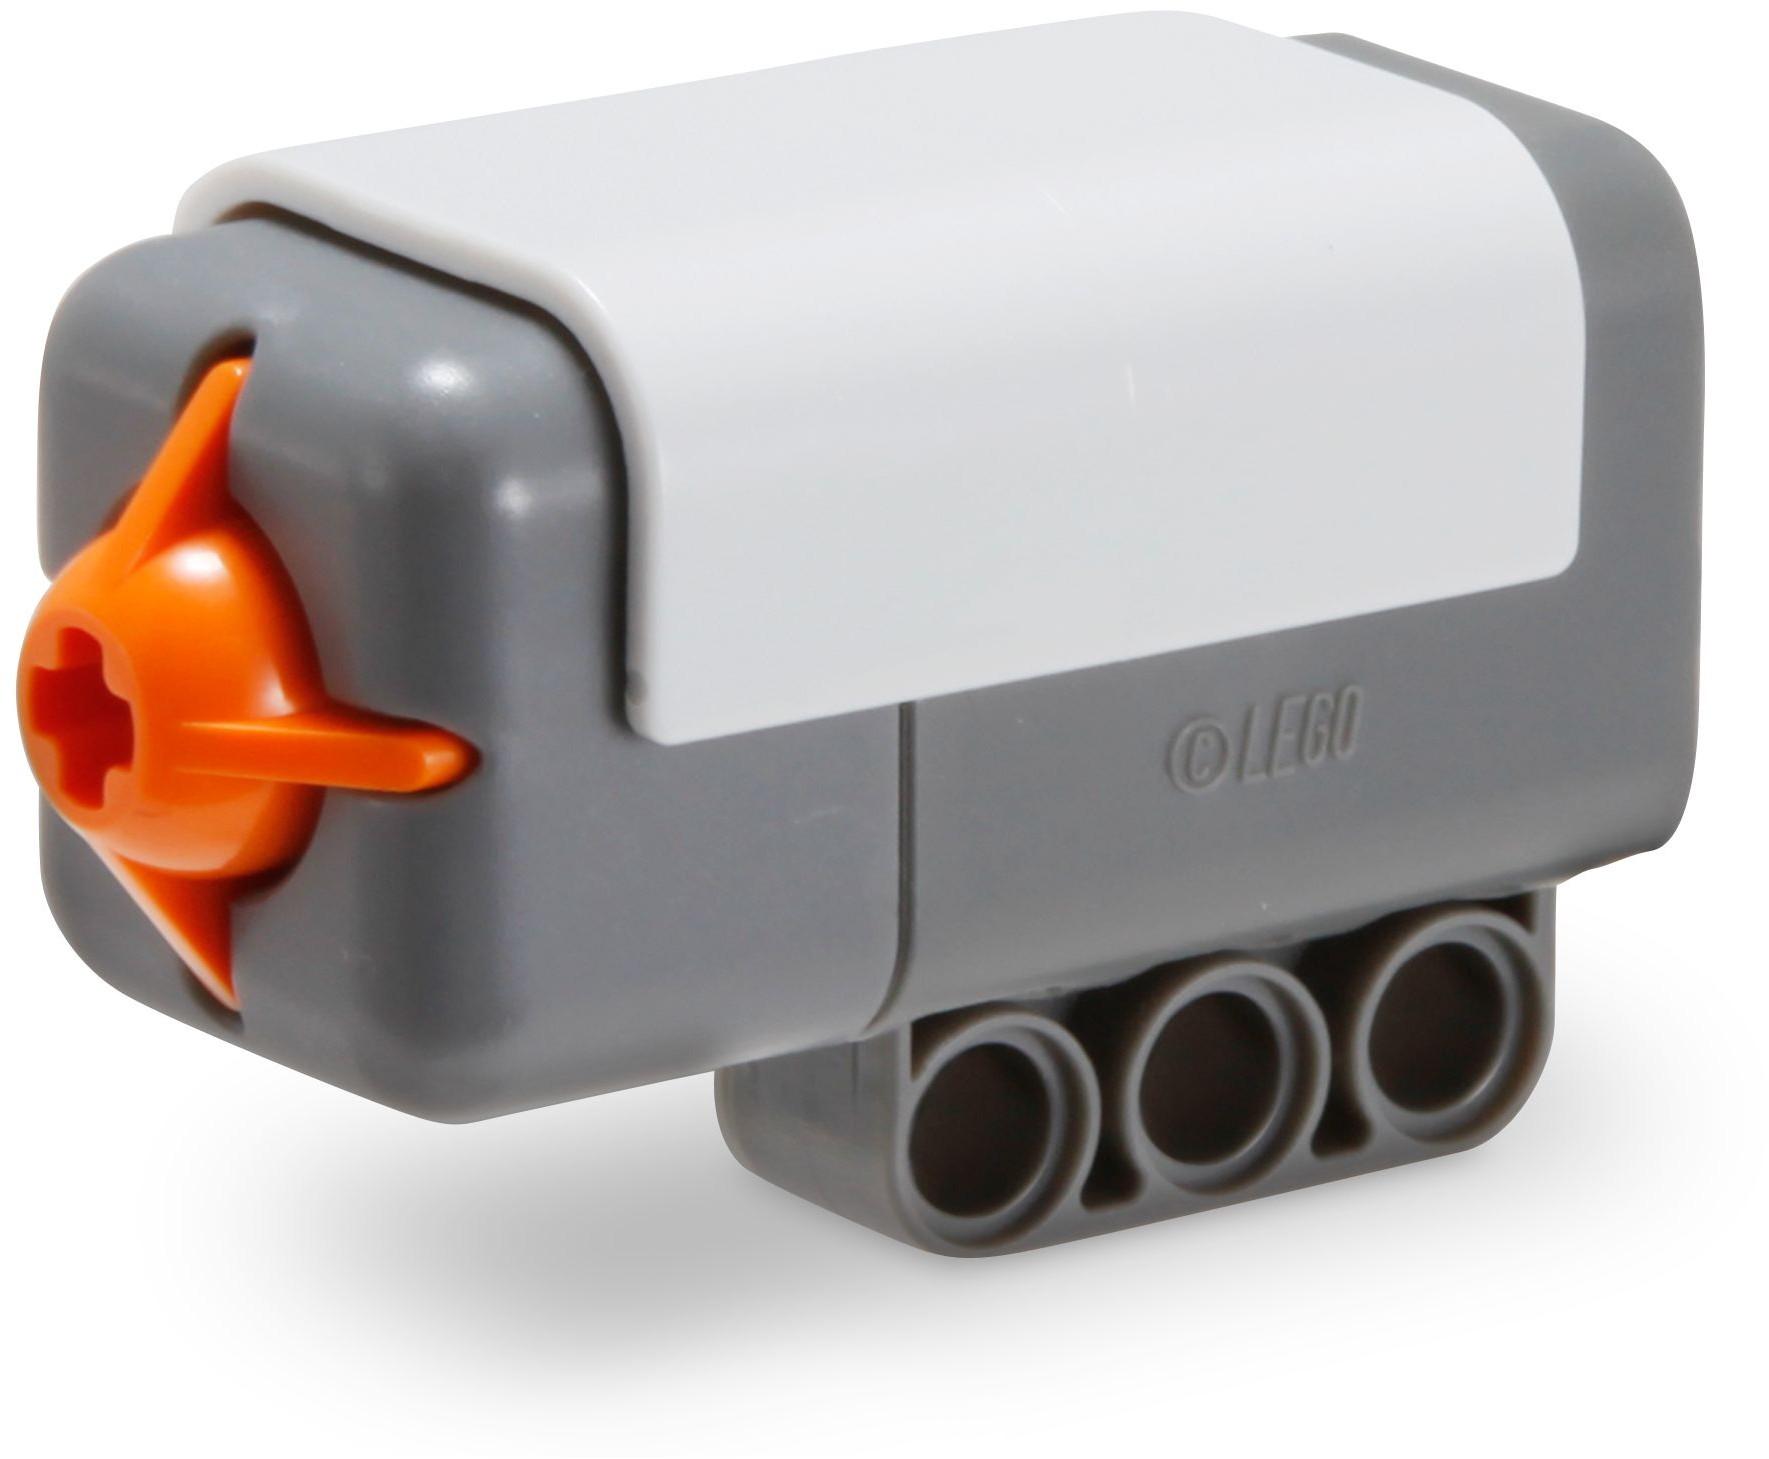 לגו מיינדסטורמס LEGO Touch Sensor 9843